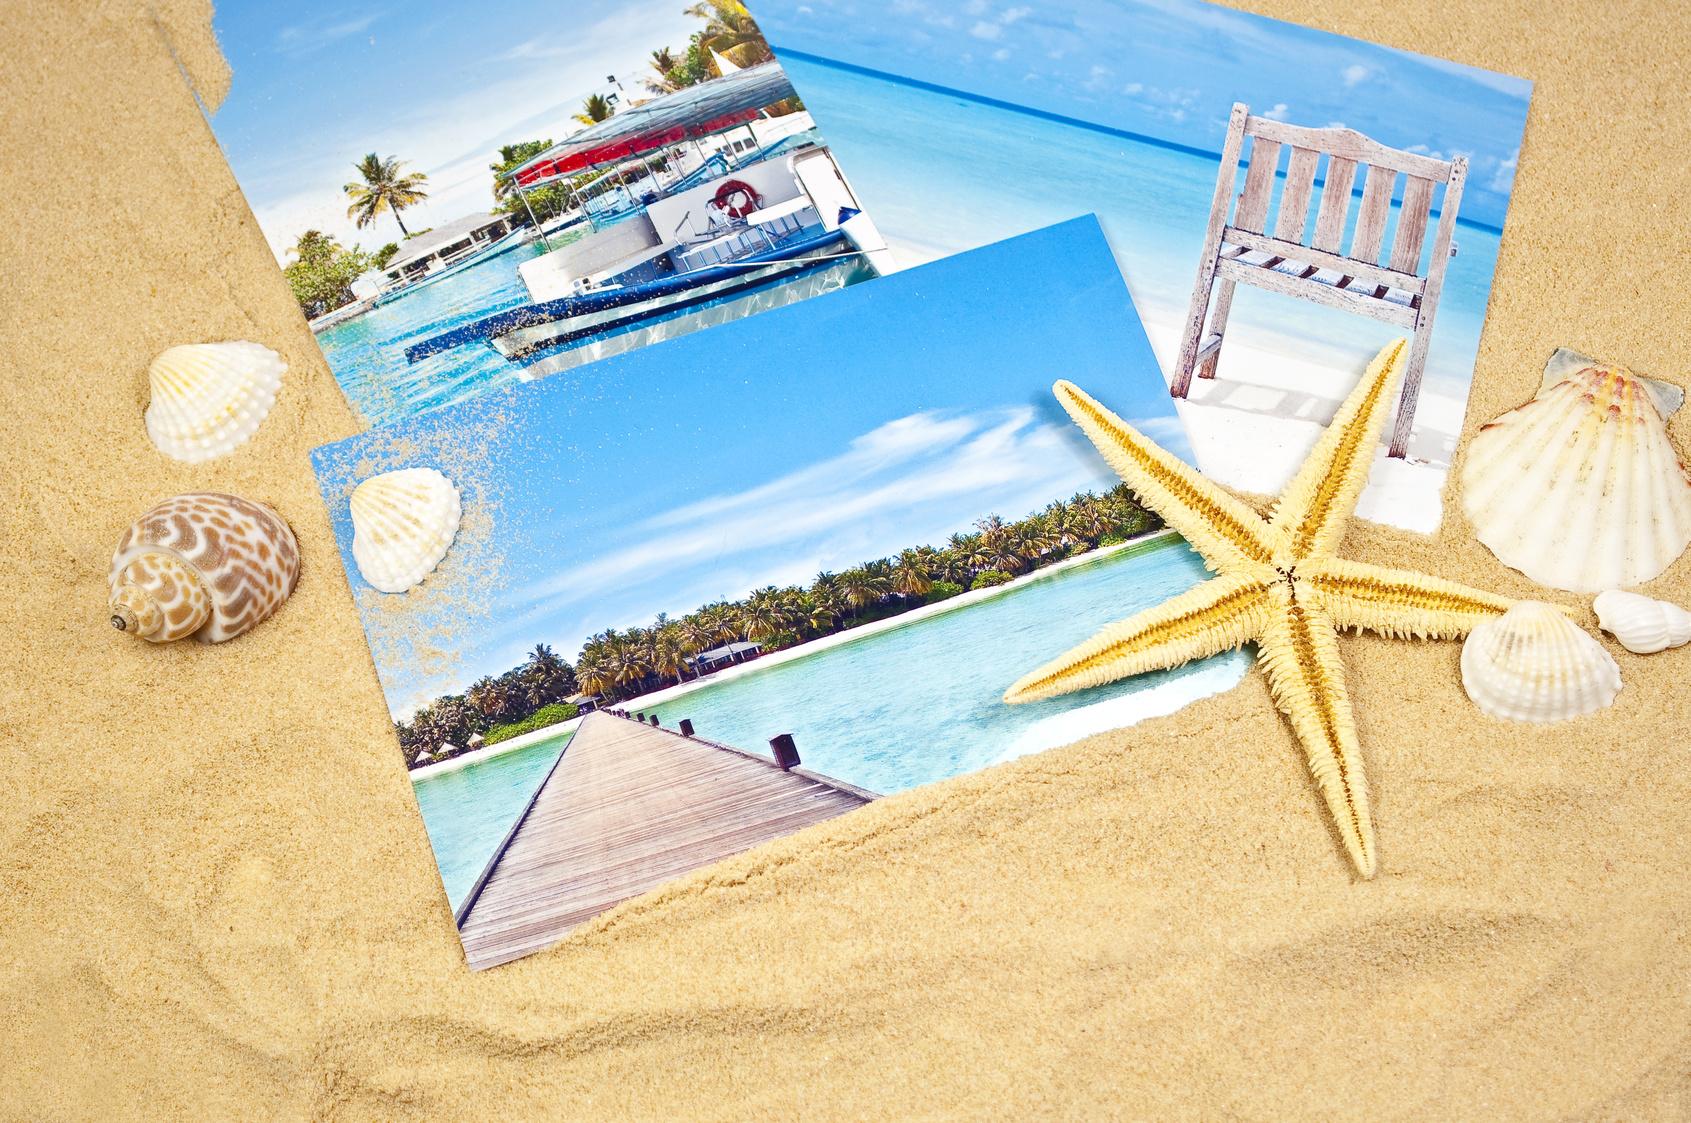 Fotos von tropischer Strandkulisse im Sand mit Muscheln und Seestern dekoriert.